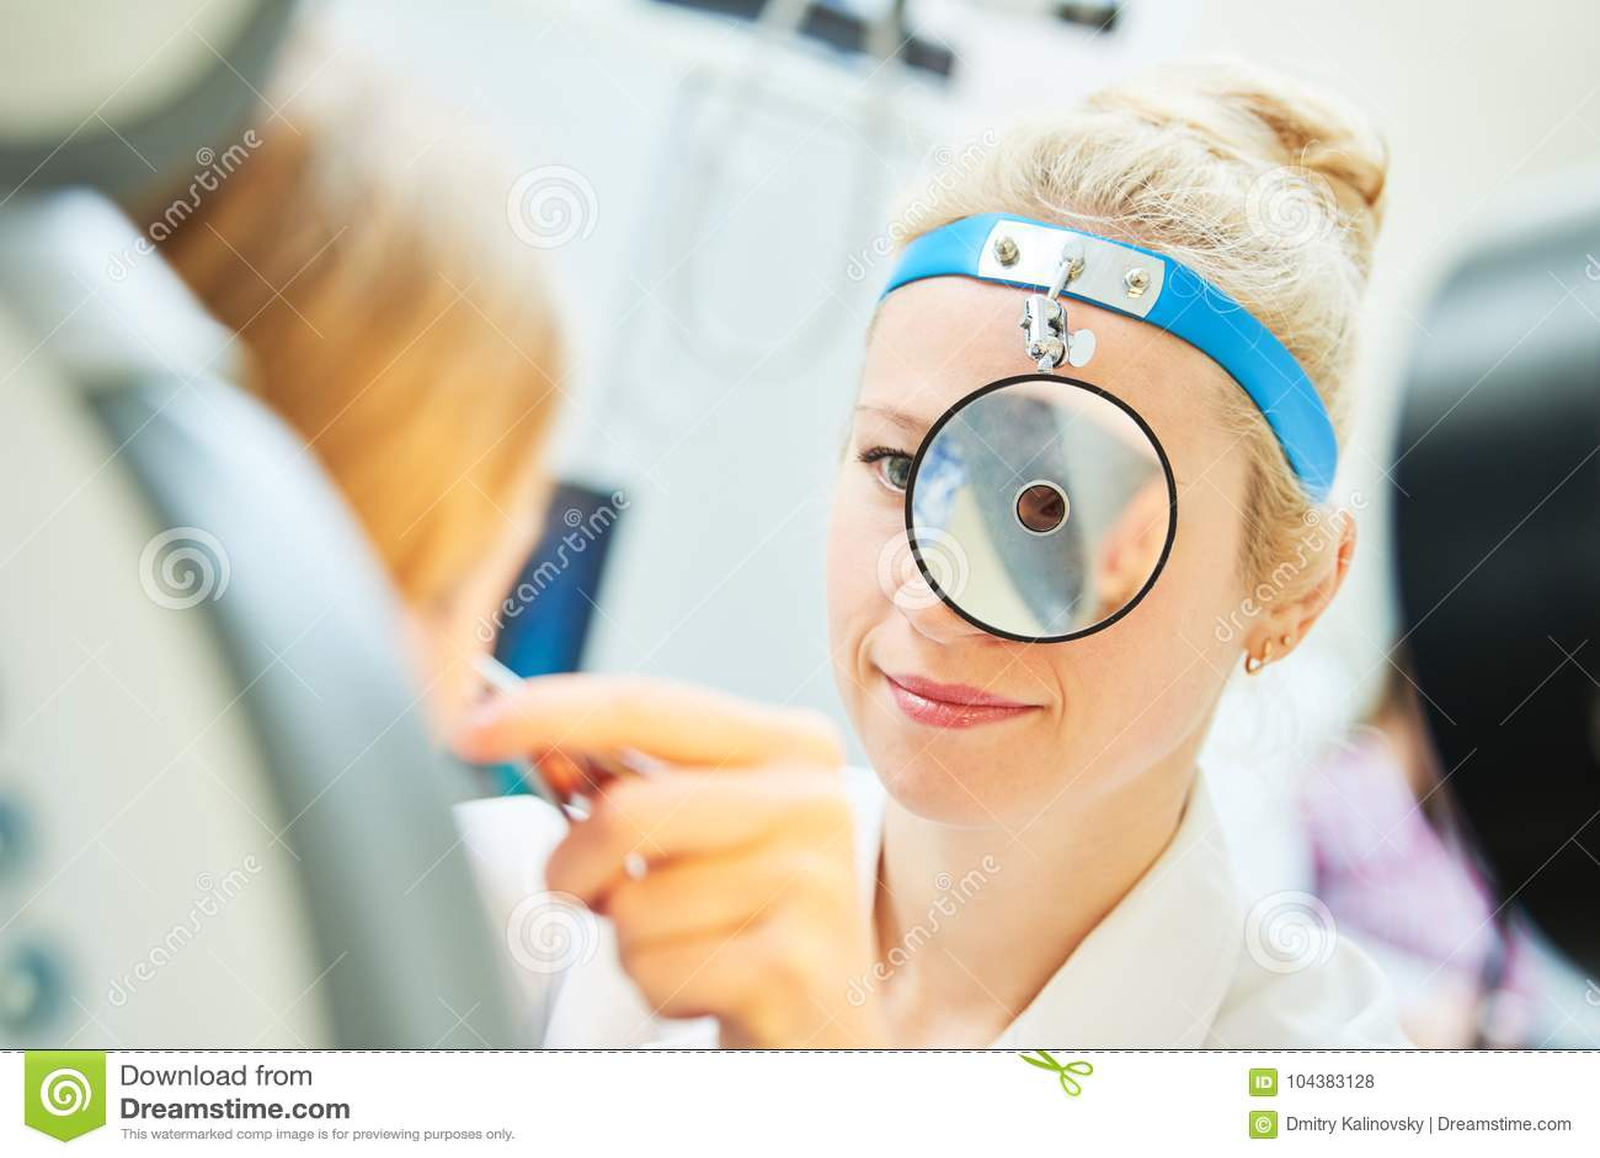 Medico femminile della gola OTORINOLARINGOIATRICA del naso dell orecchio sul lavoro